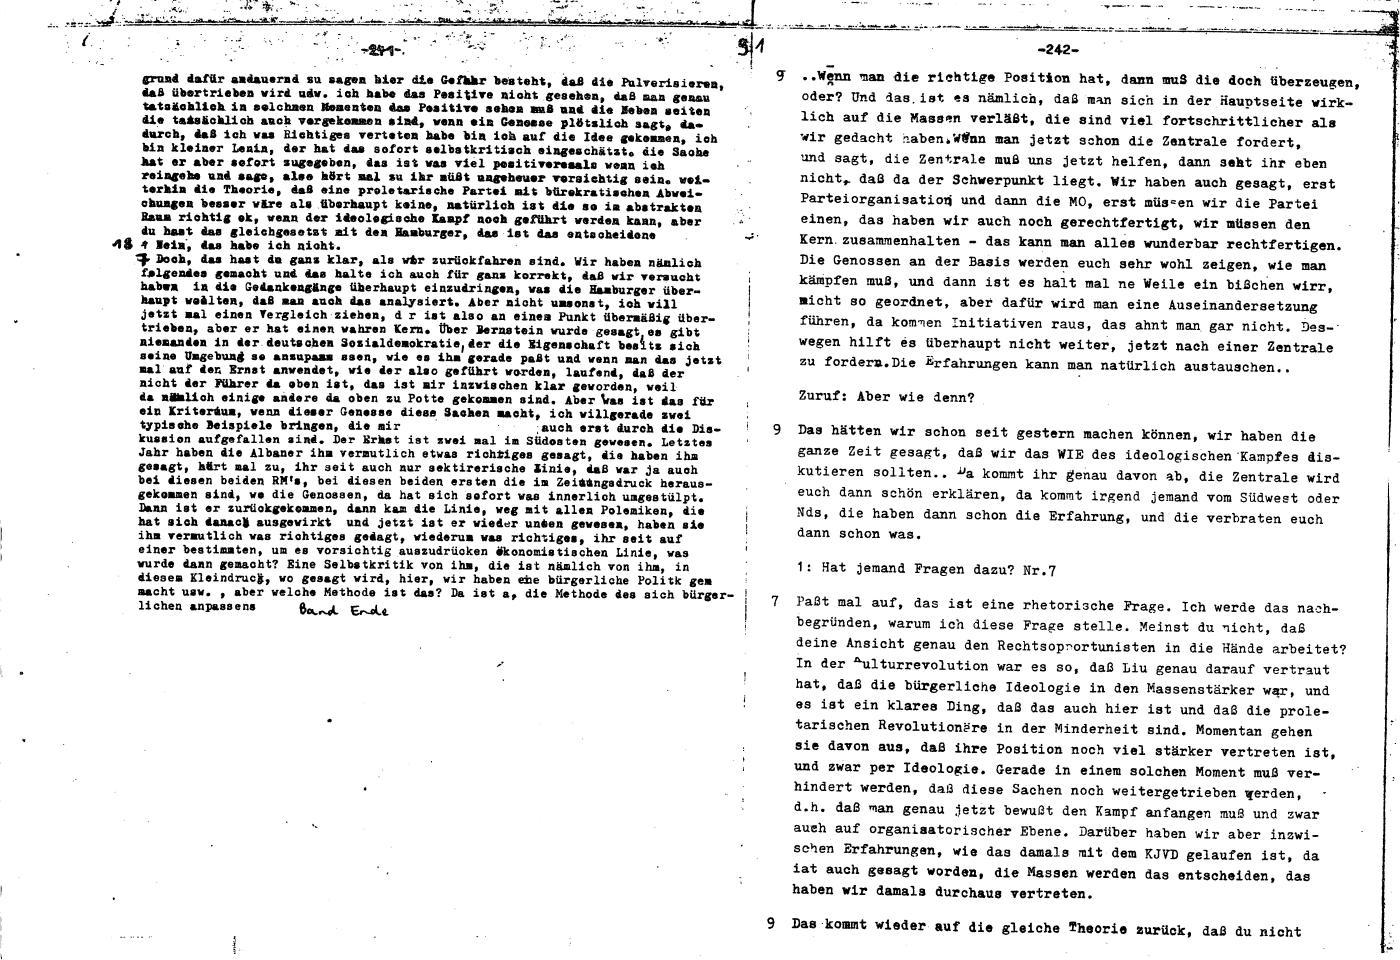 KPDML_1971_Wortprotokolle_aoPt_067